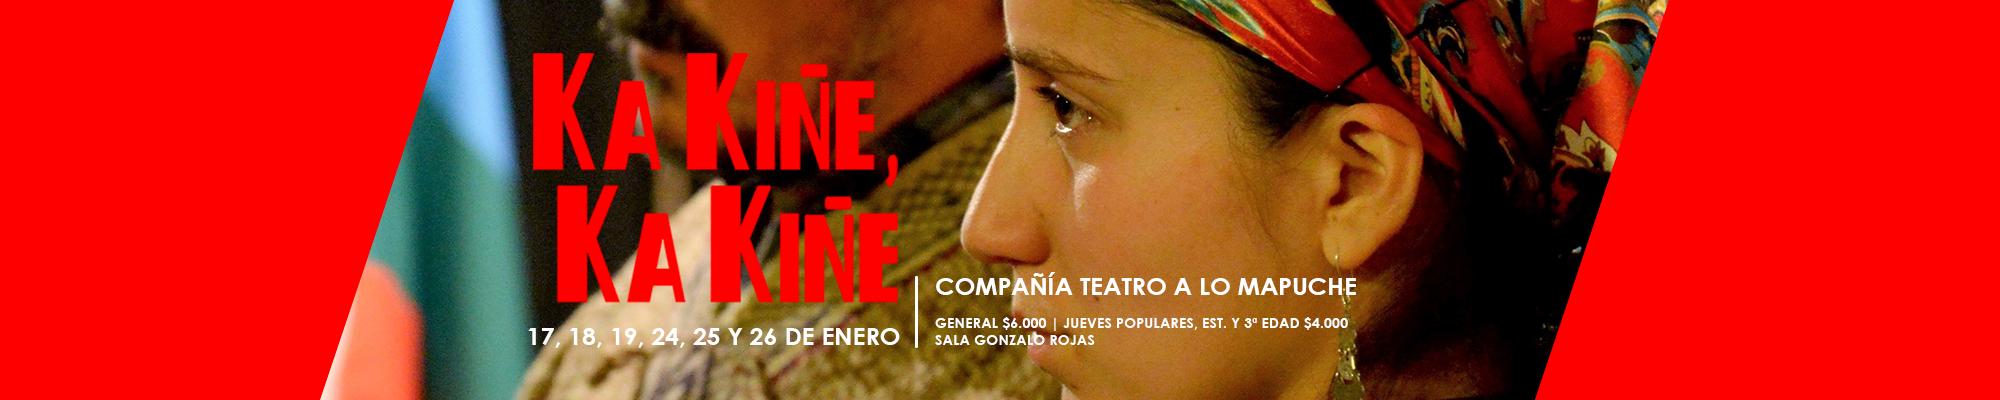 Teatro. Ka Kiñe, Ka Kiñe